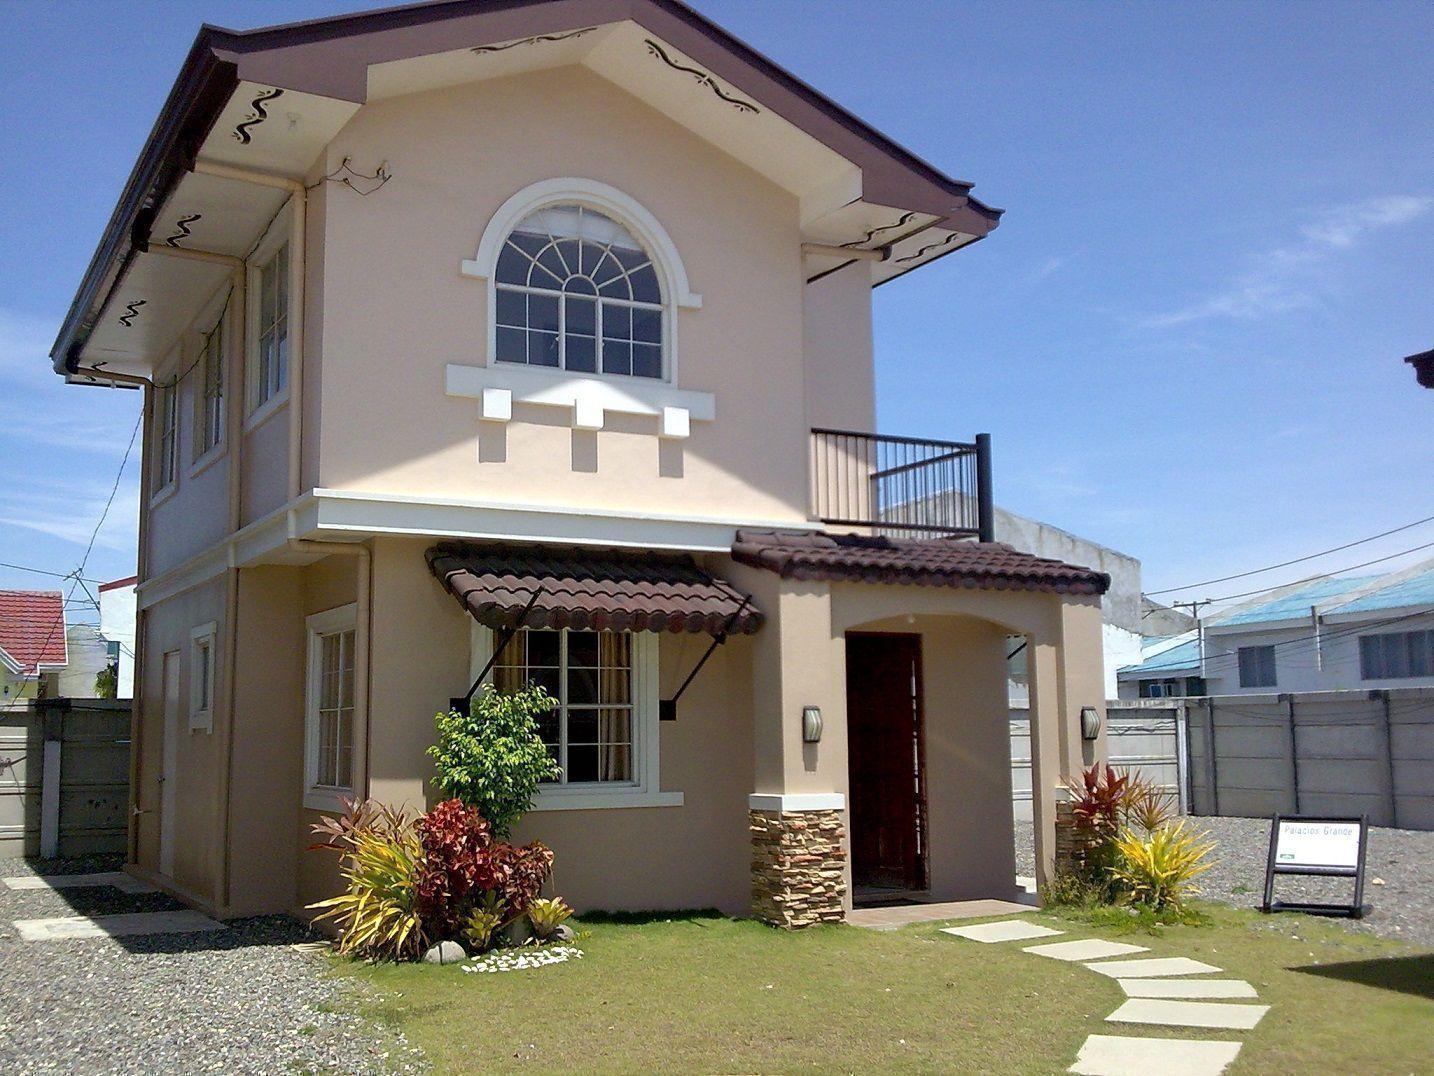 Modelos de fachadas de casas de dos pisos peque as casa for Fachadas de casas de 2 pisos pequenas